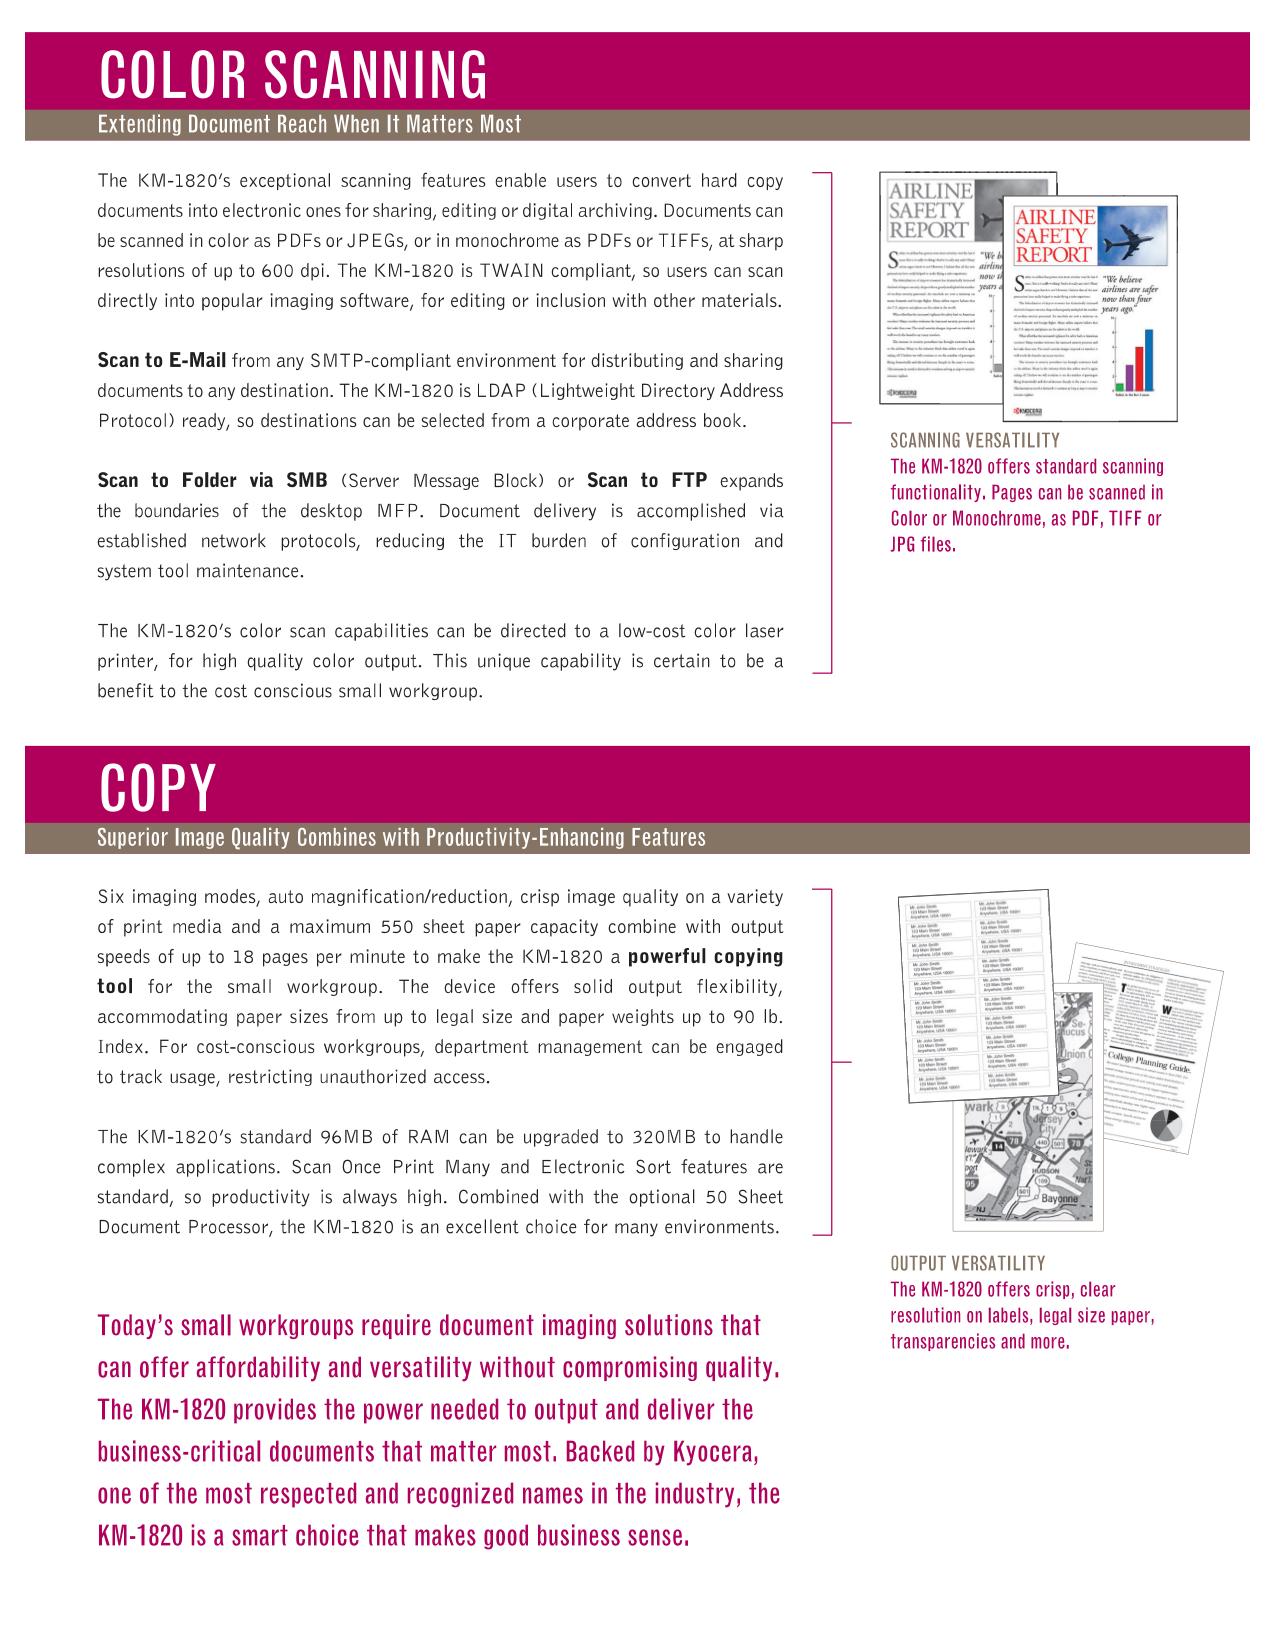 PDF manual for Kyocera Multifunction Printer KM-1820